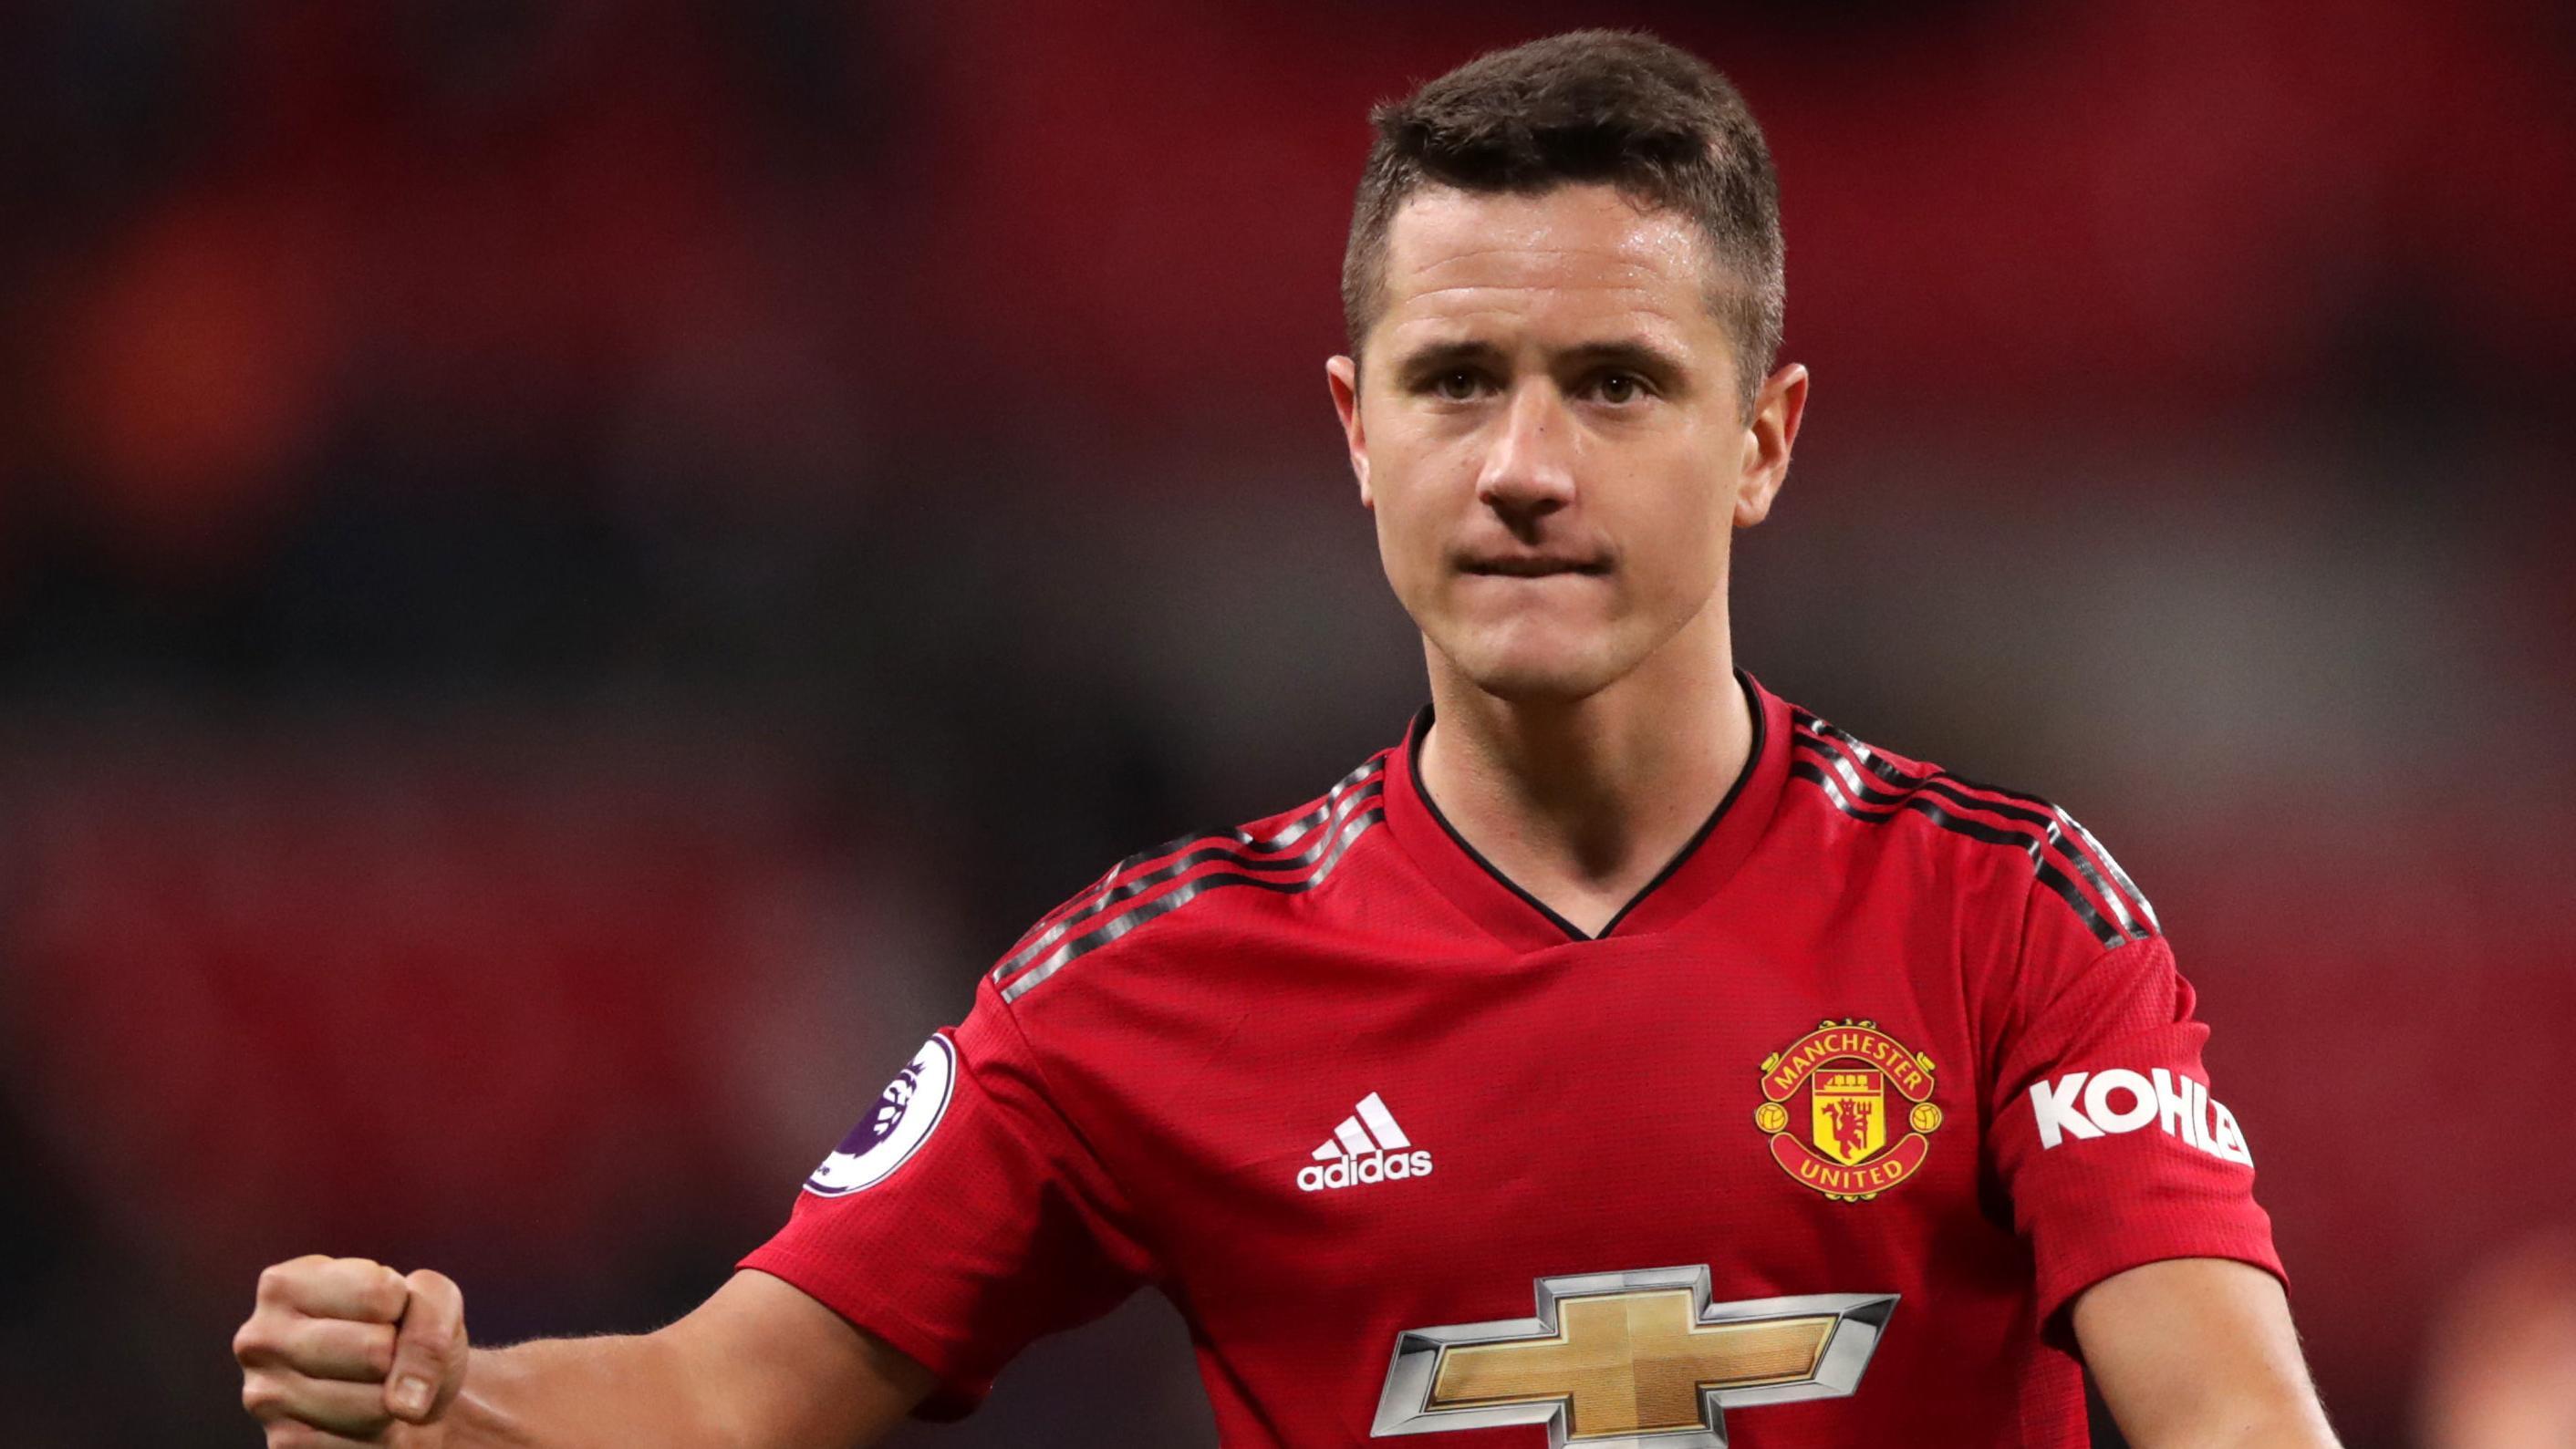 Herrera Tolak Tawaran Terbaru United